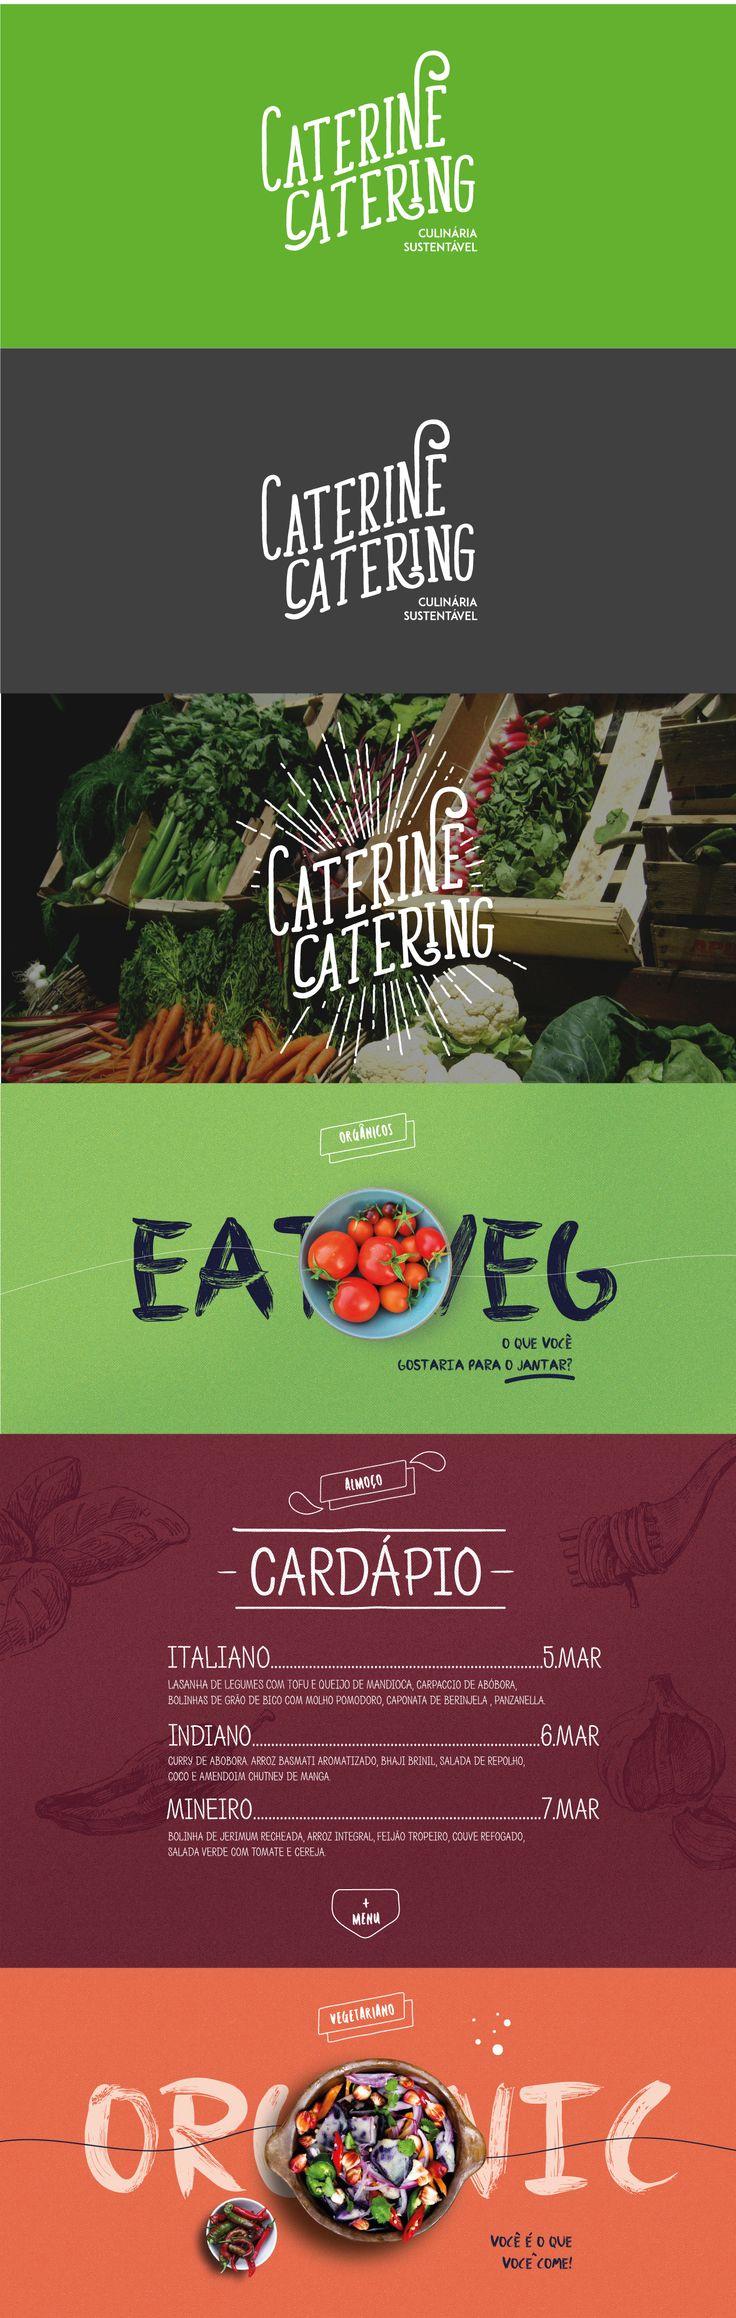 Catering é o serviço de promover serviços alimentares em lugares remotos ou de difícil alcance, assim como prestar serviços alimentares em eventos, Caterine Catering é uma empresa especializada em buffet de comida vegetariana de diversos paises, com veteg…